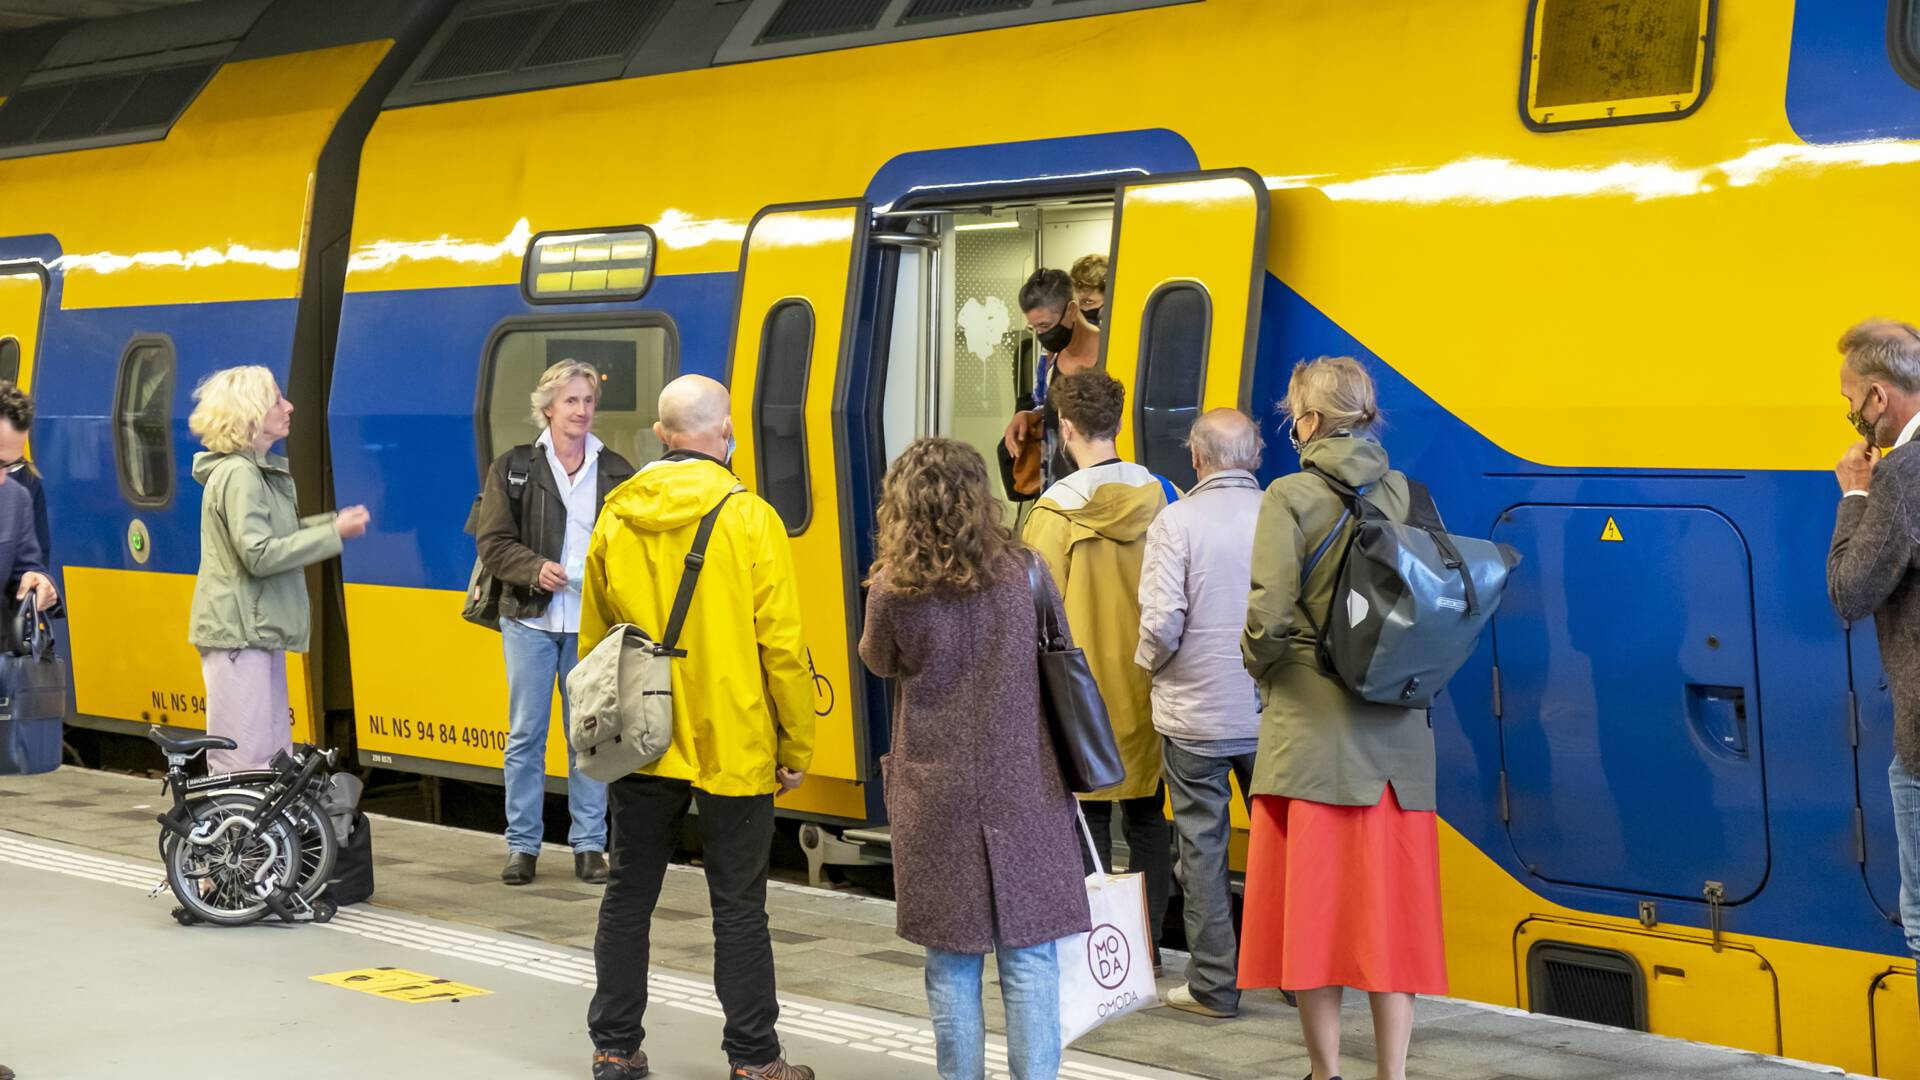 هل يحافظ المسافرون على مسافة تباعد كافية؟ سيتم قياس المسافة على المنصة 5 في Utrecht